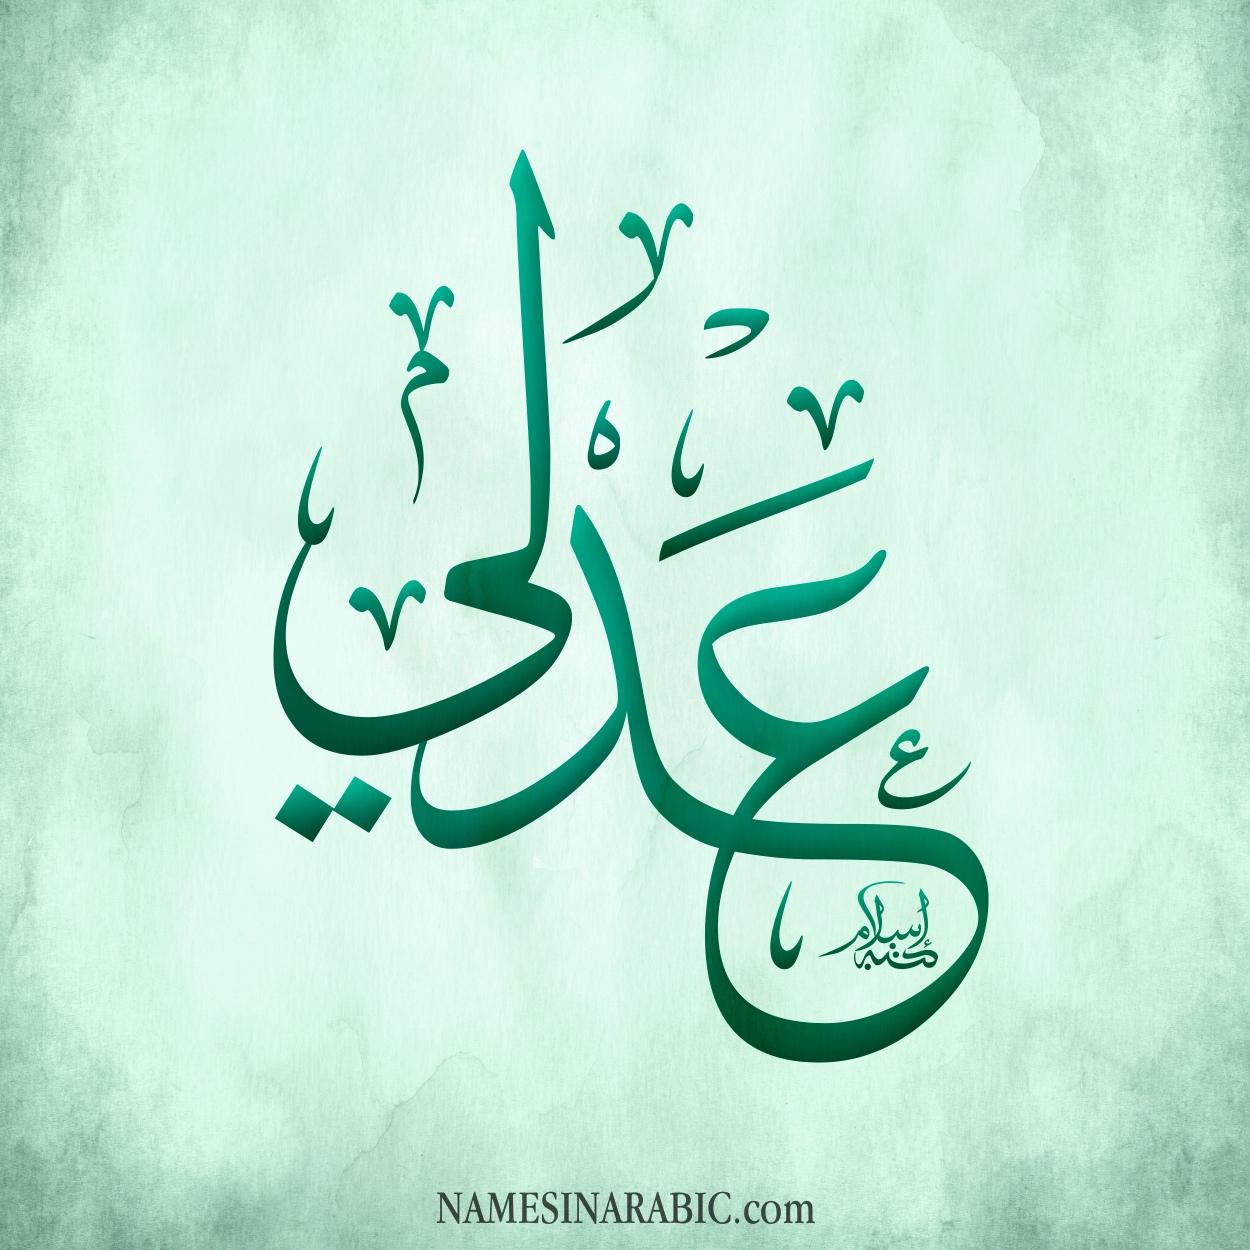 صورة اسم عَدْلي AADLI اسم عَدْلي بالخط العربي من موقع الأسماء بالخط العربي بريشة الفنان إسلام ابن الفضل